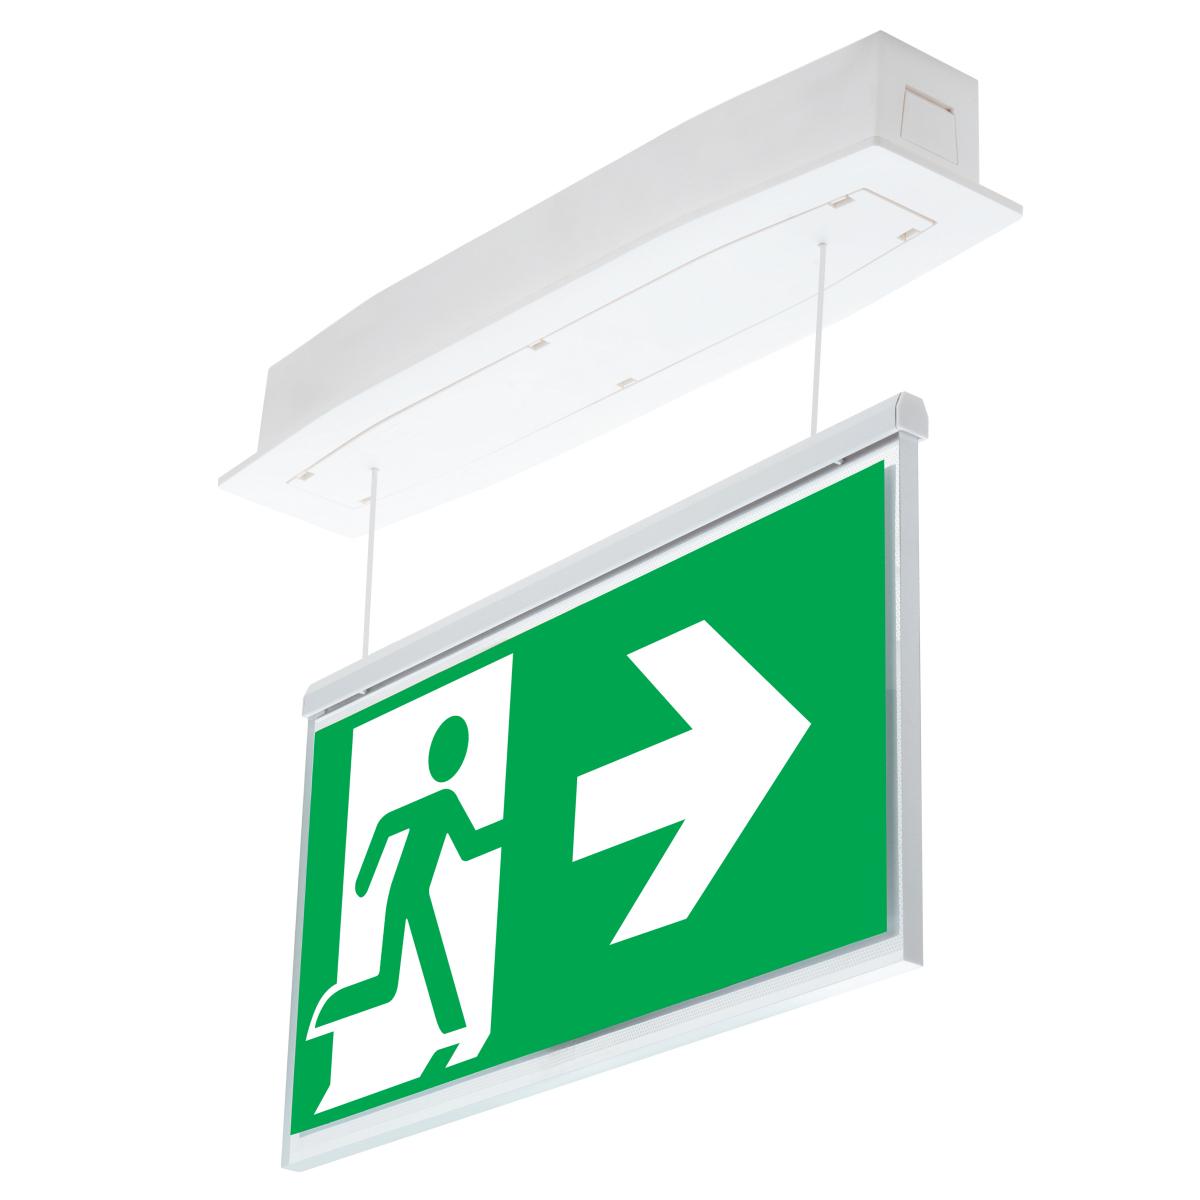 Эвакуационные световые указатели Suprema LED D-std PT-S IP54 Intelight – общий вид